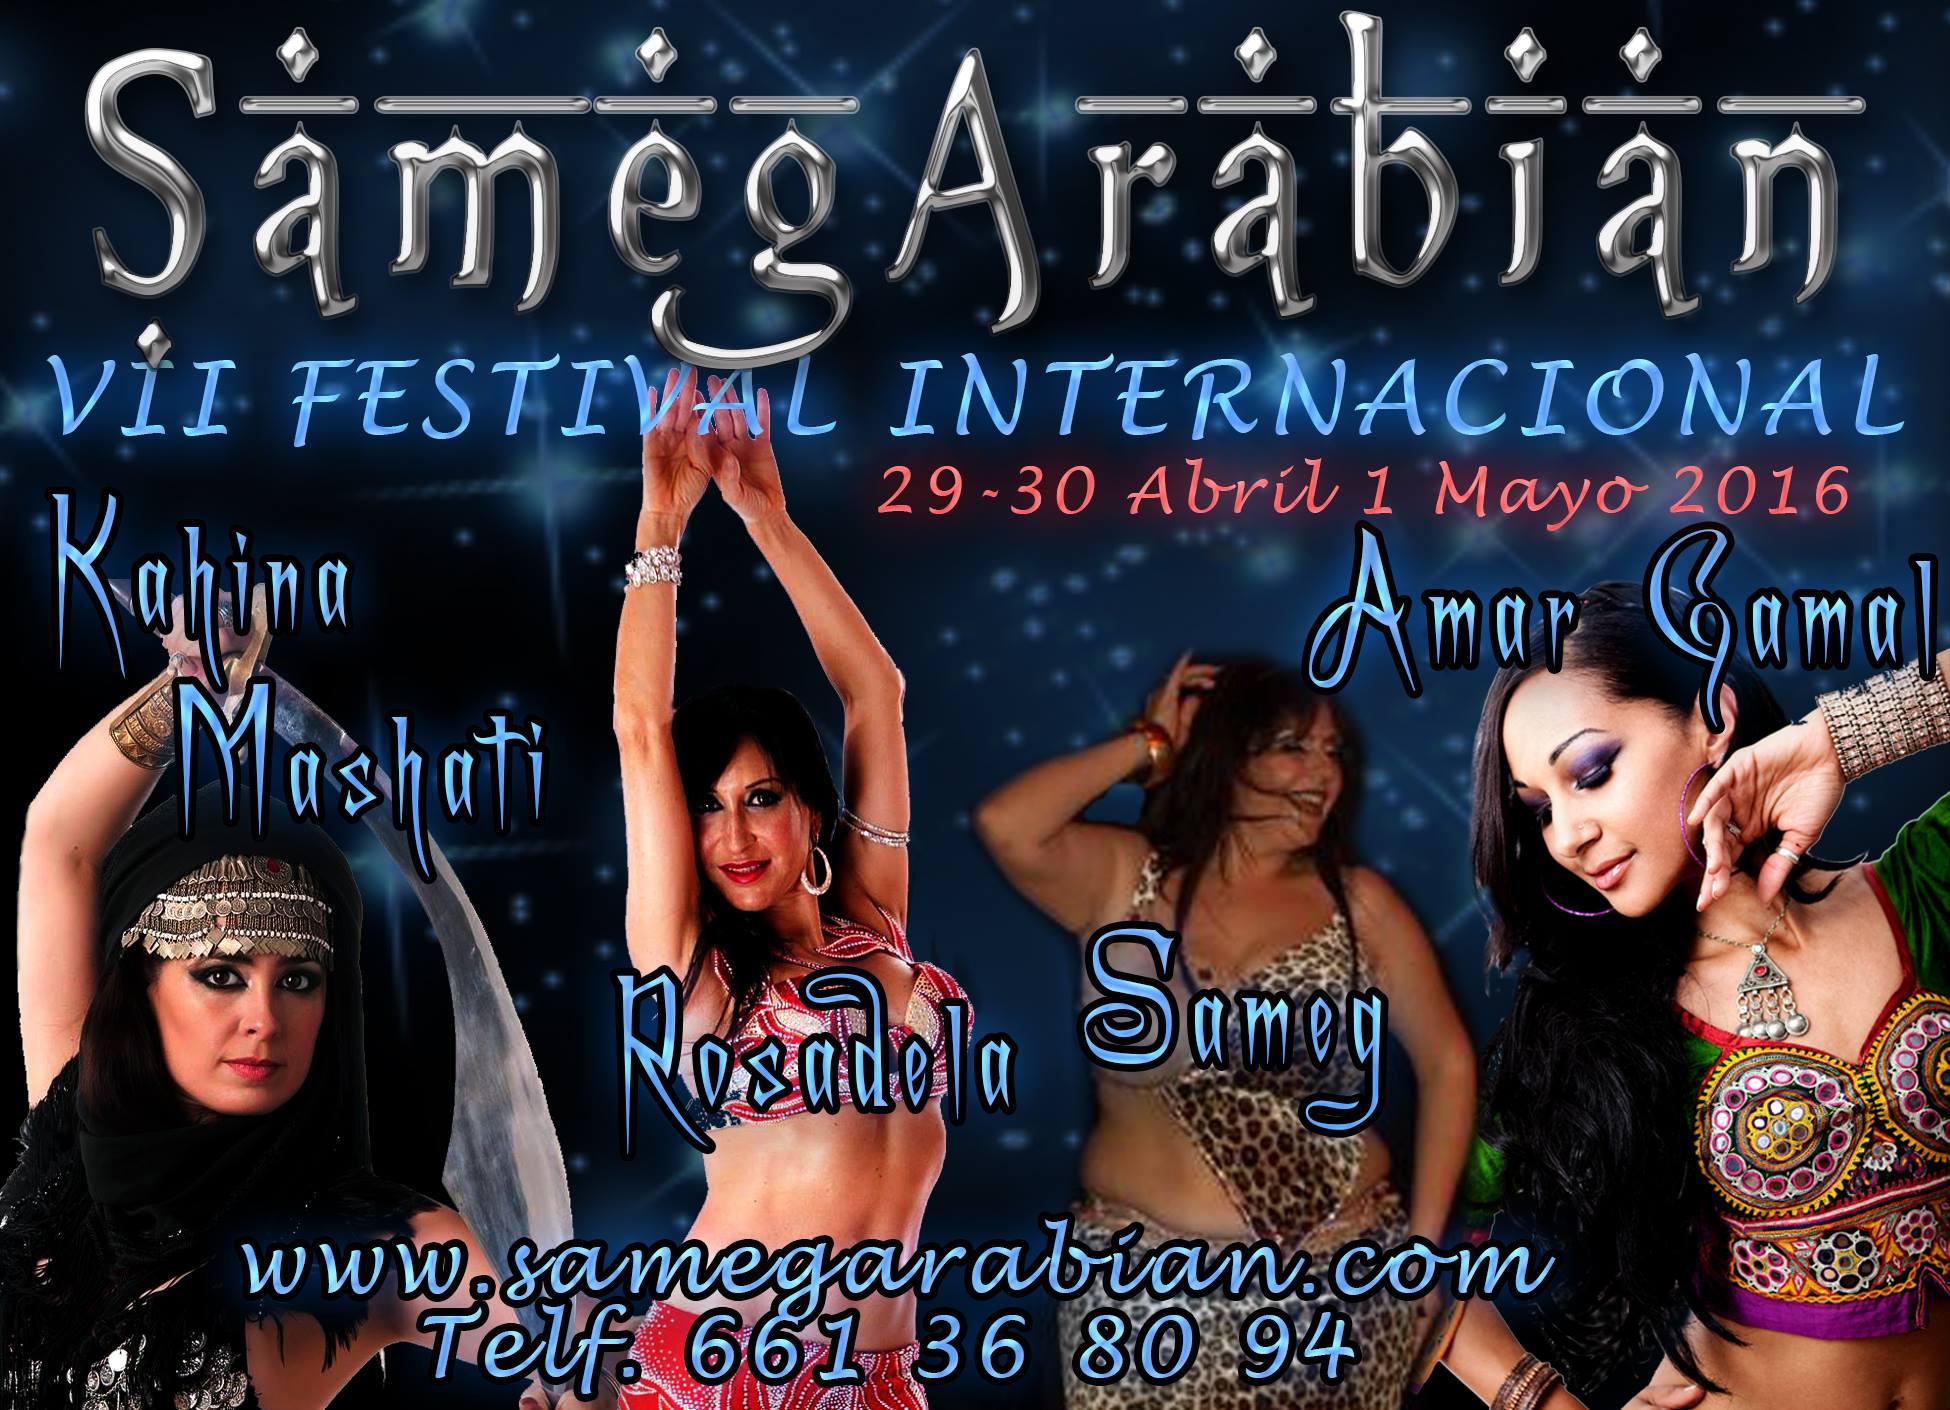 VII Festival Internacional 2016 el 29,30 abril y 1 mayo en Orihuela ( Alicante)